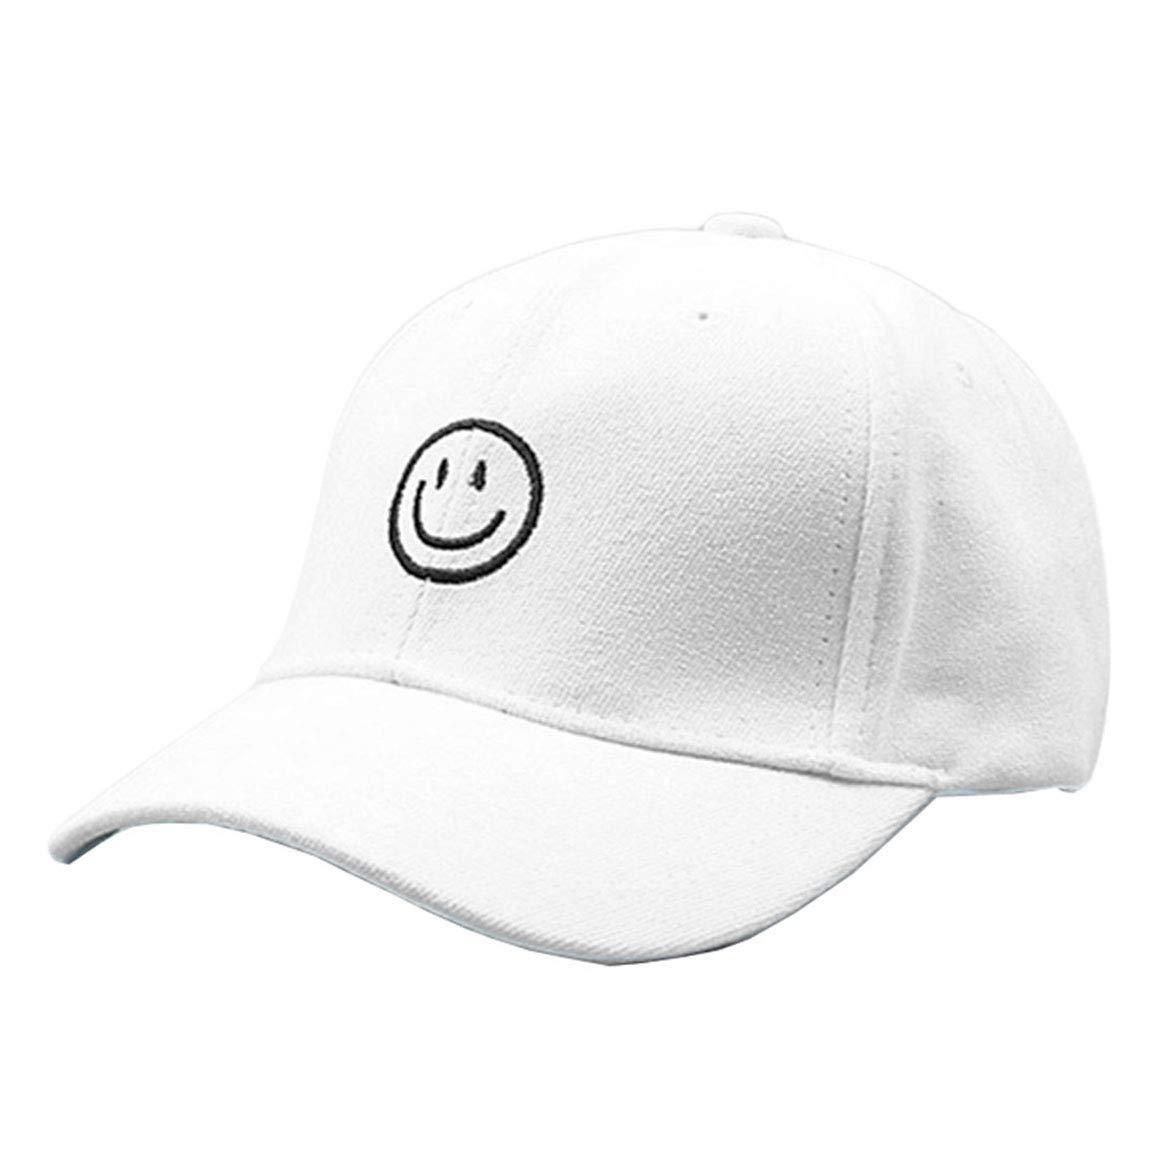 9786c36e2 Amazon.com: Moccila Baby Boy Embroidery Baseball Cap Newborn Stripe ...